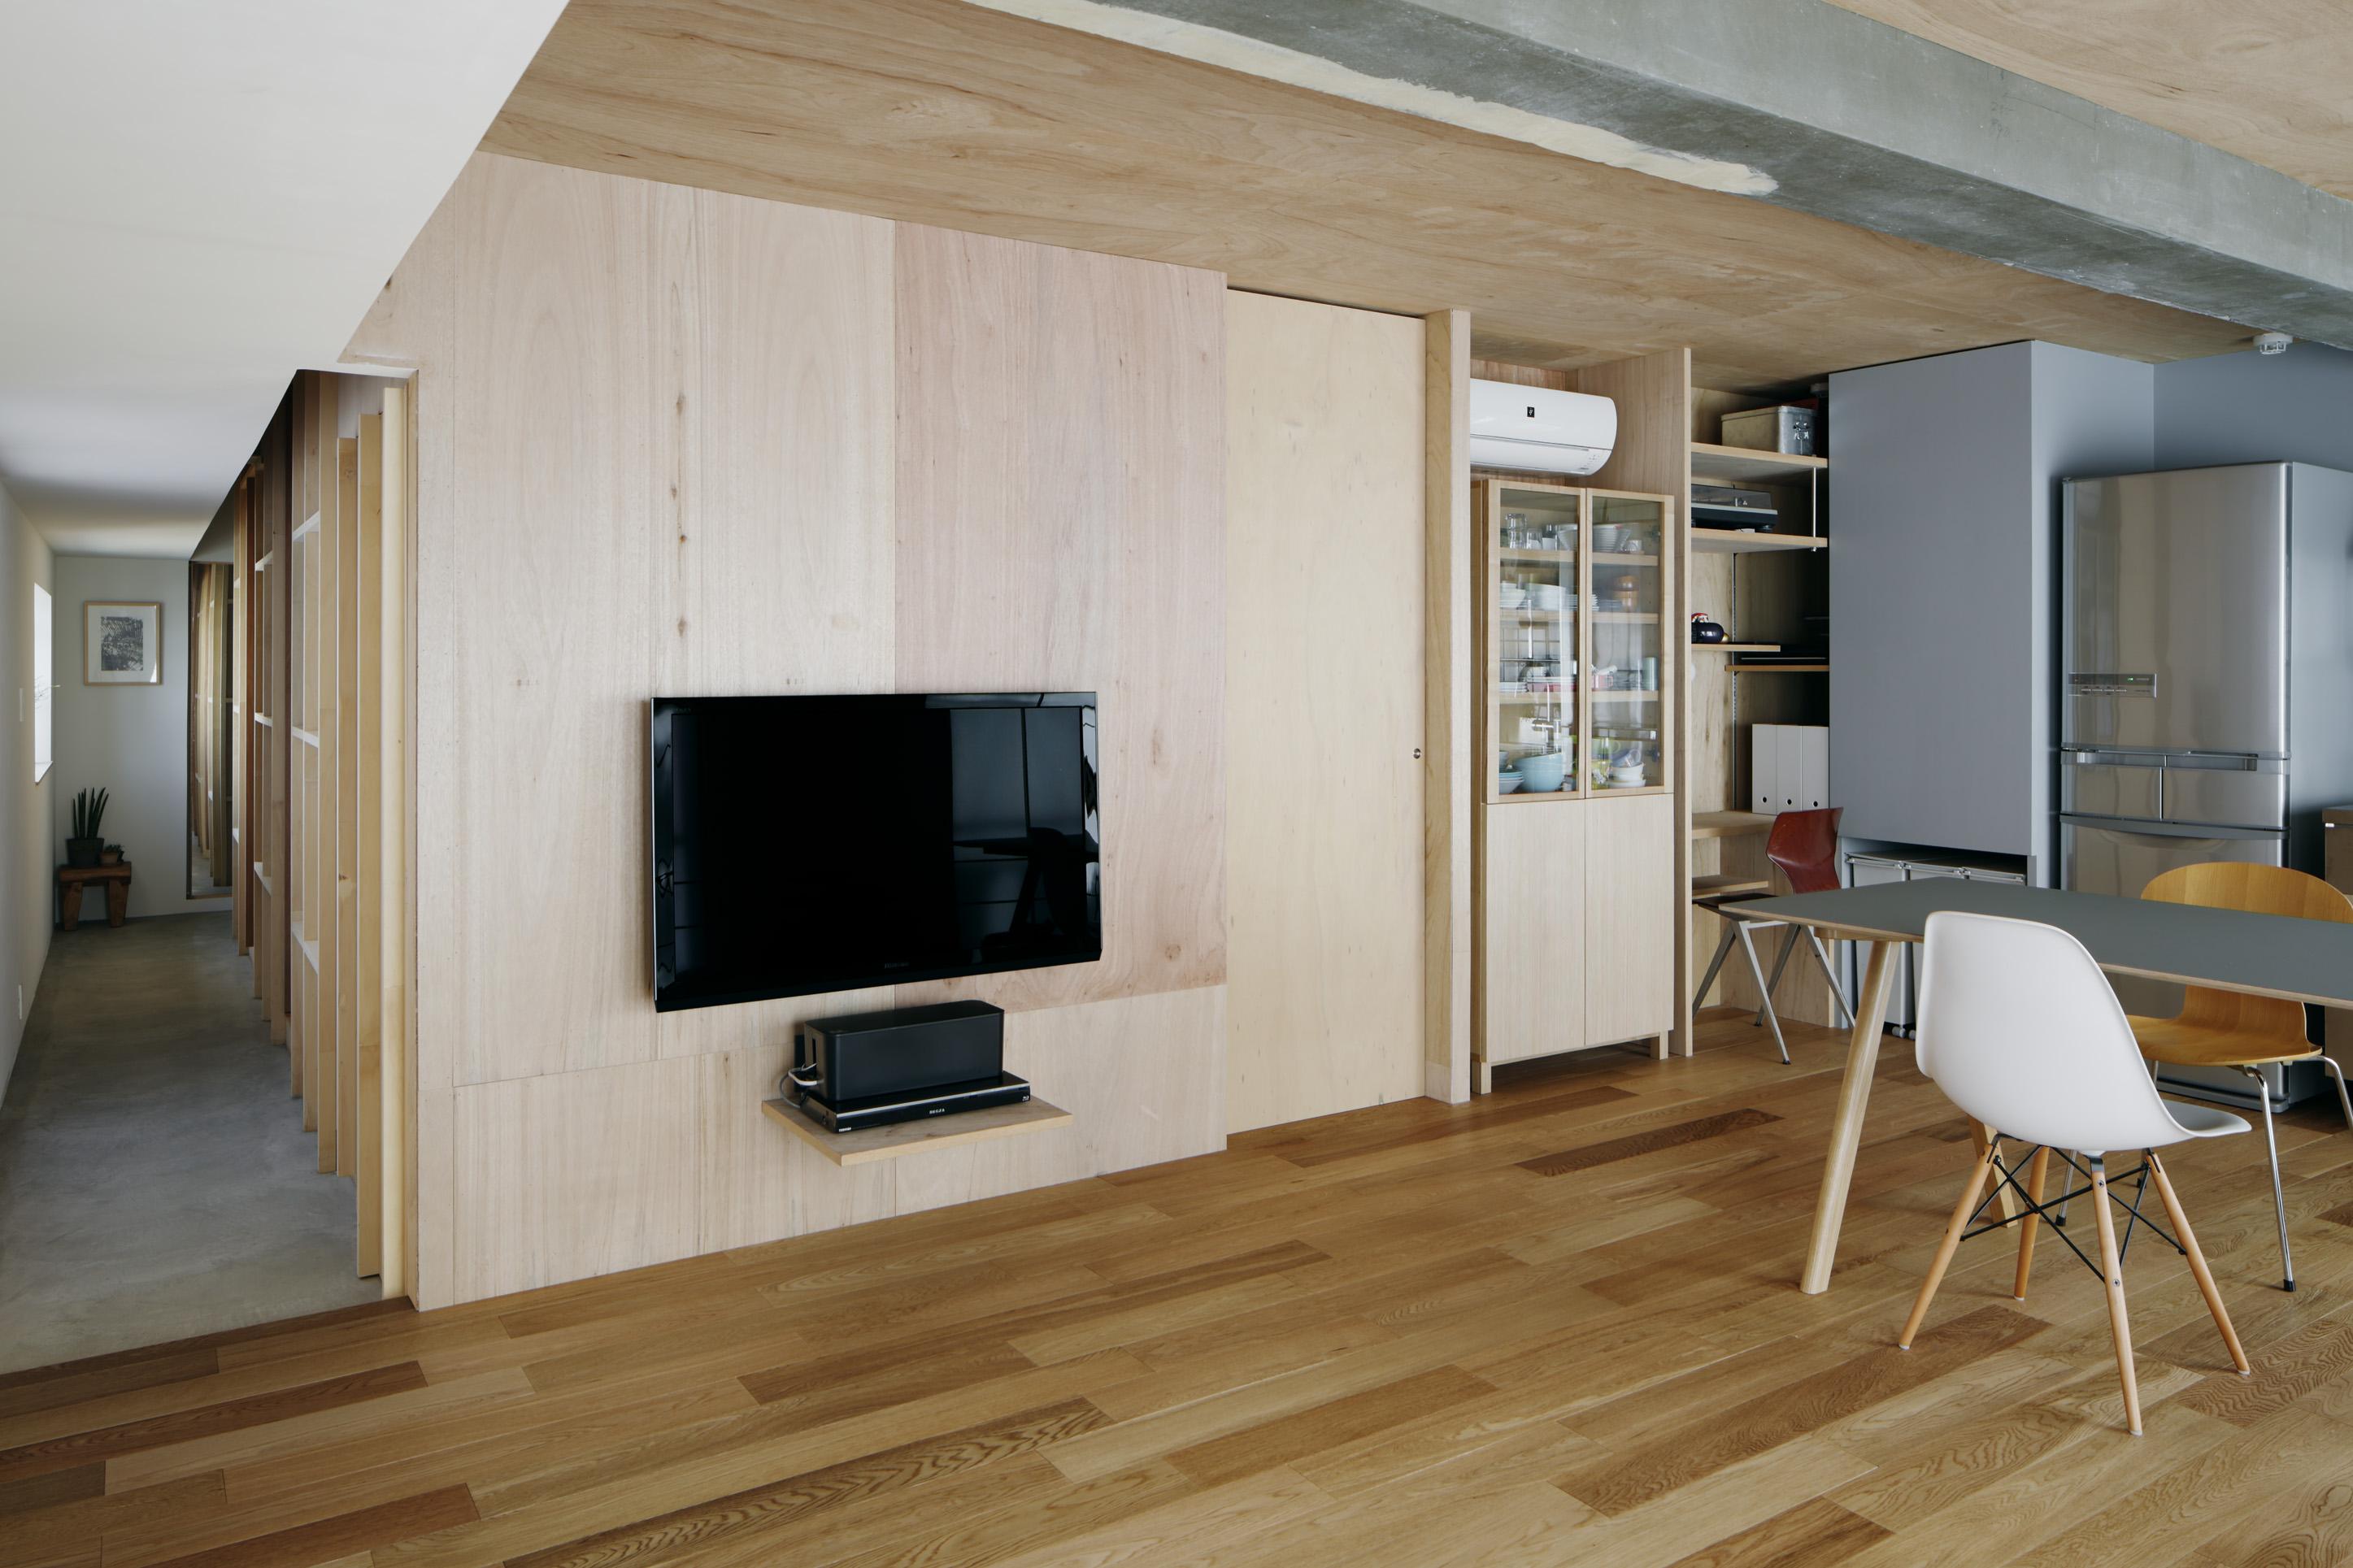 「青木律典 | 株式会社デザインライフ設計室」のリノベーション事例「限られた空間を有効活用しながらゆとりを感じる住まいに-土間のある暮らしかた-」